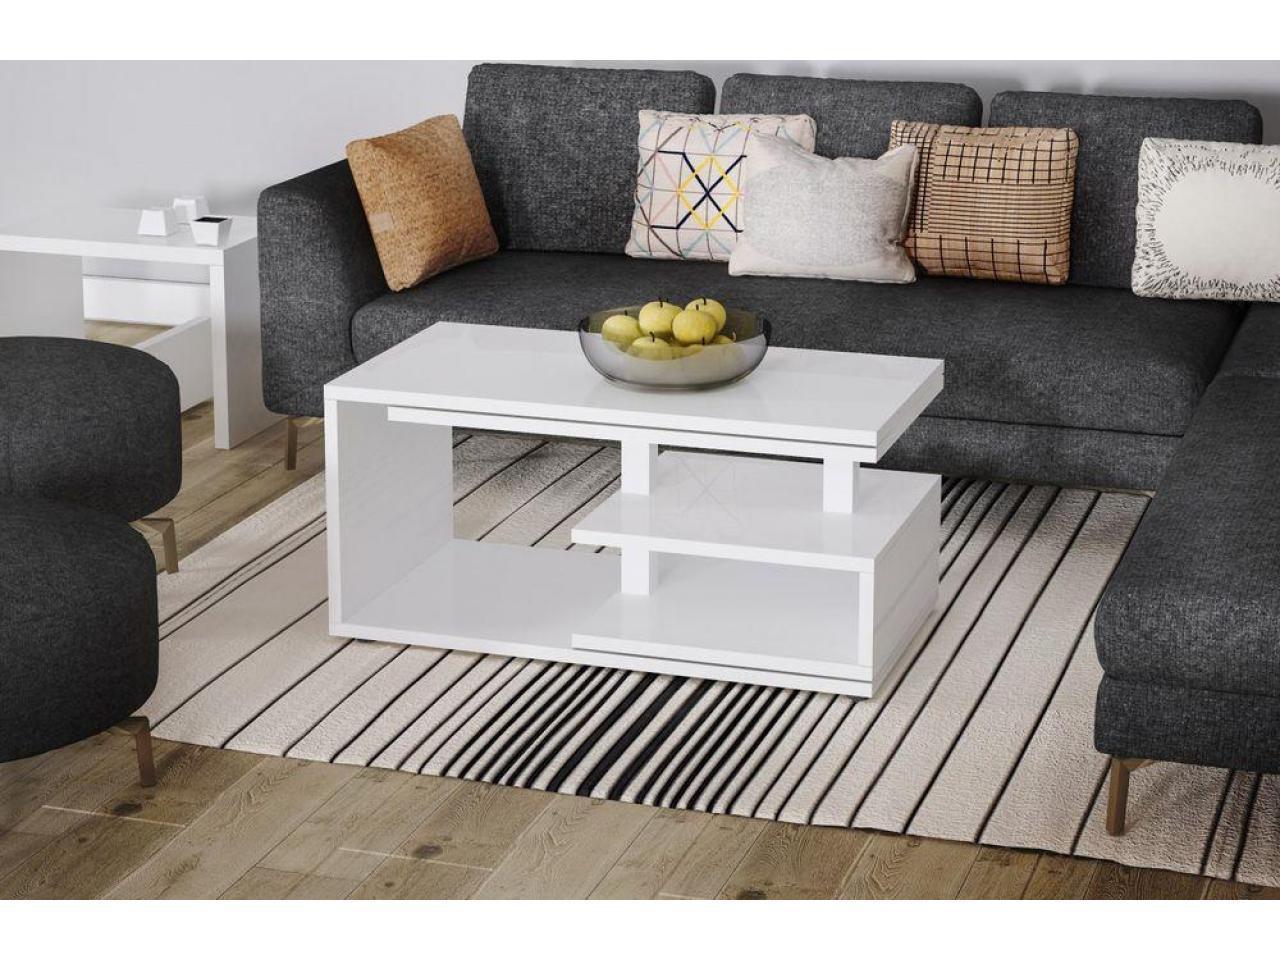 Furnipol - Польская мебель по доступным ценам - 5